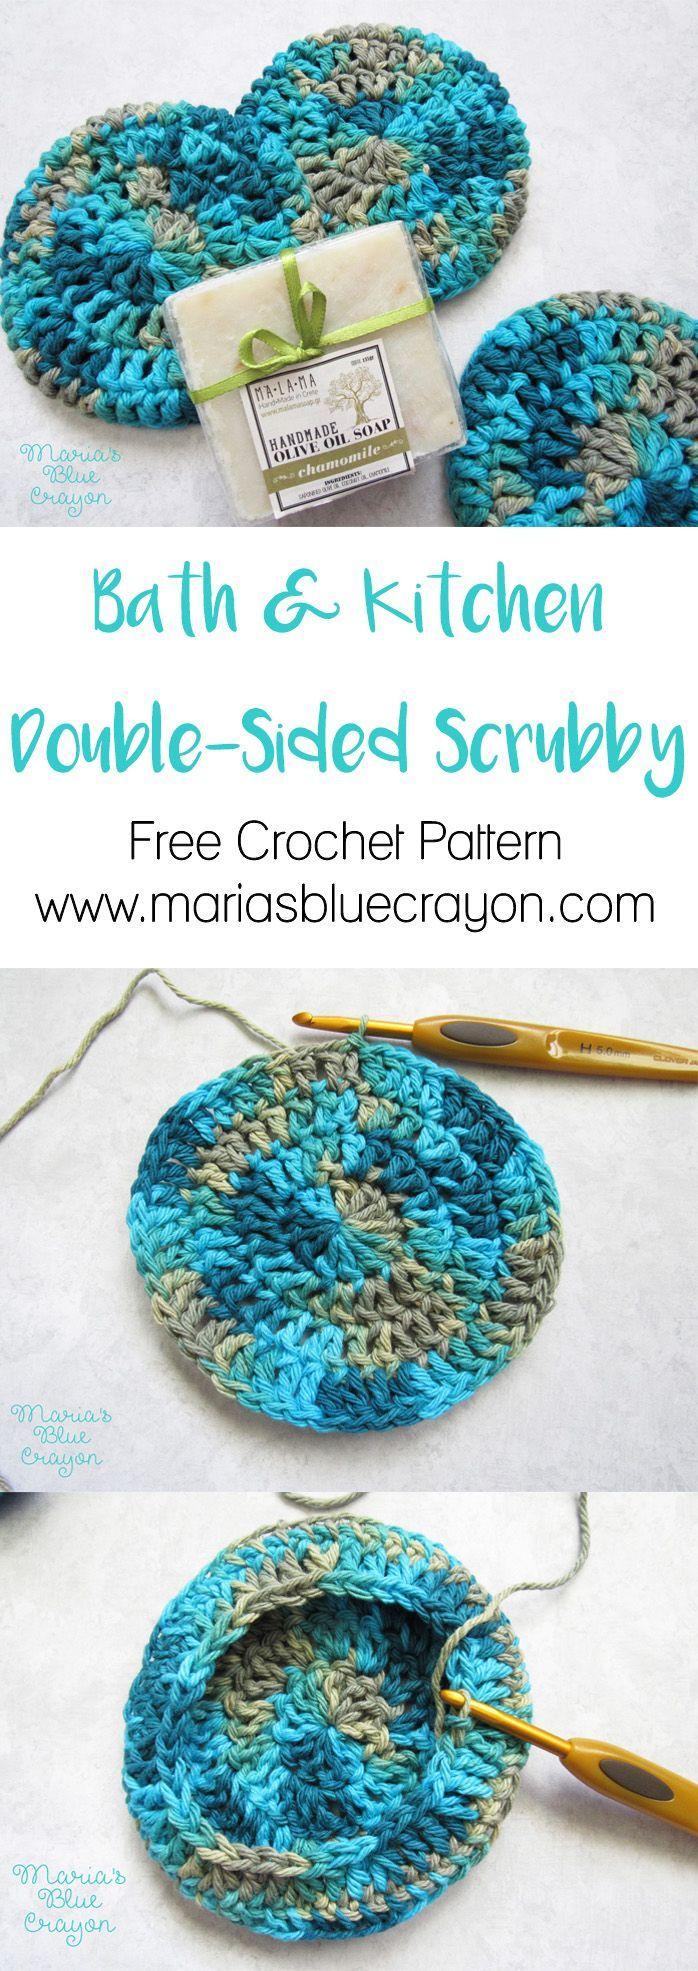 141 best Crochet for the Bathroom images on Pinterest   Free crochet ...